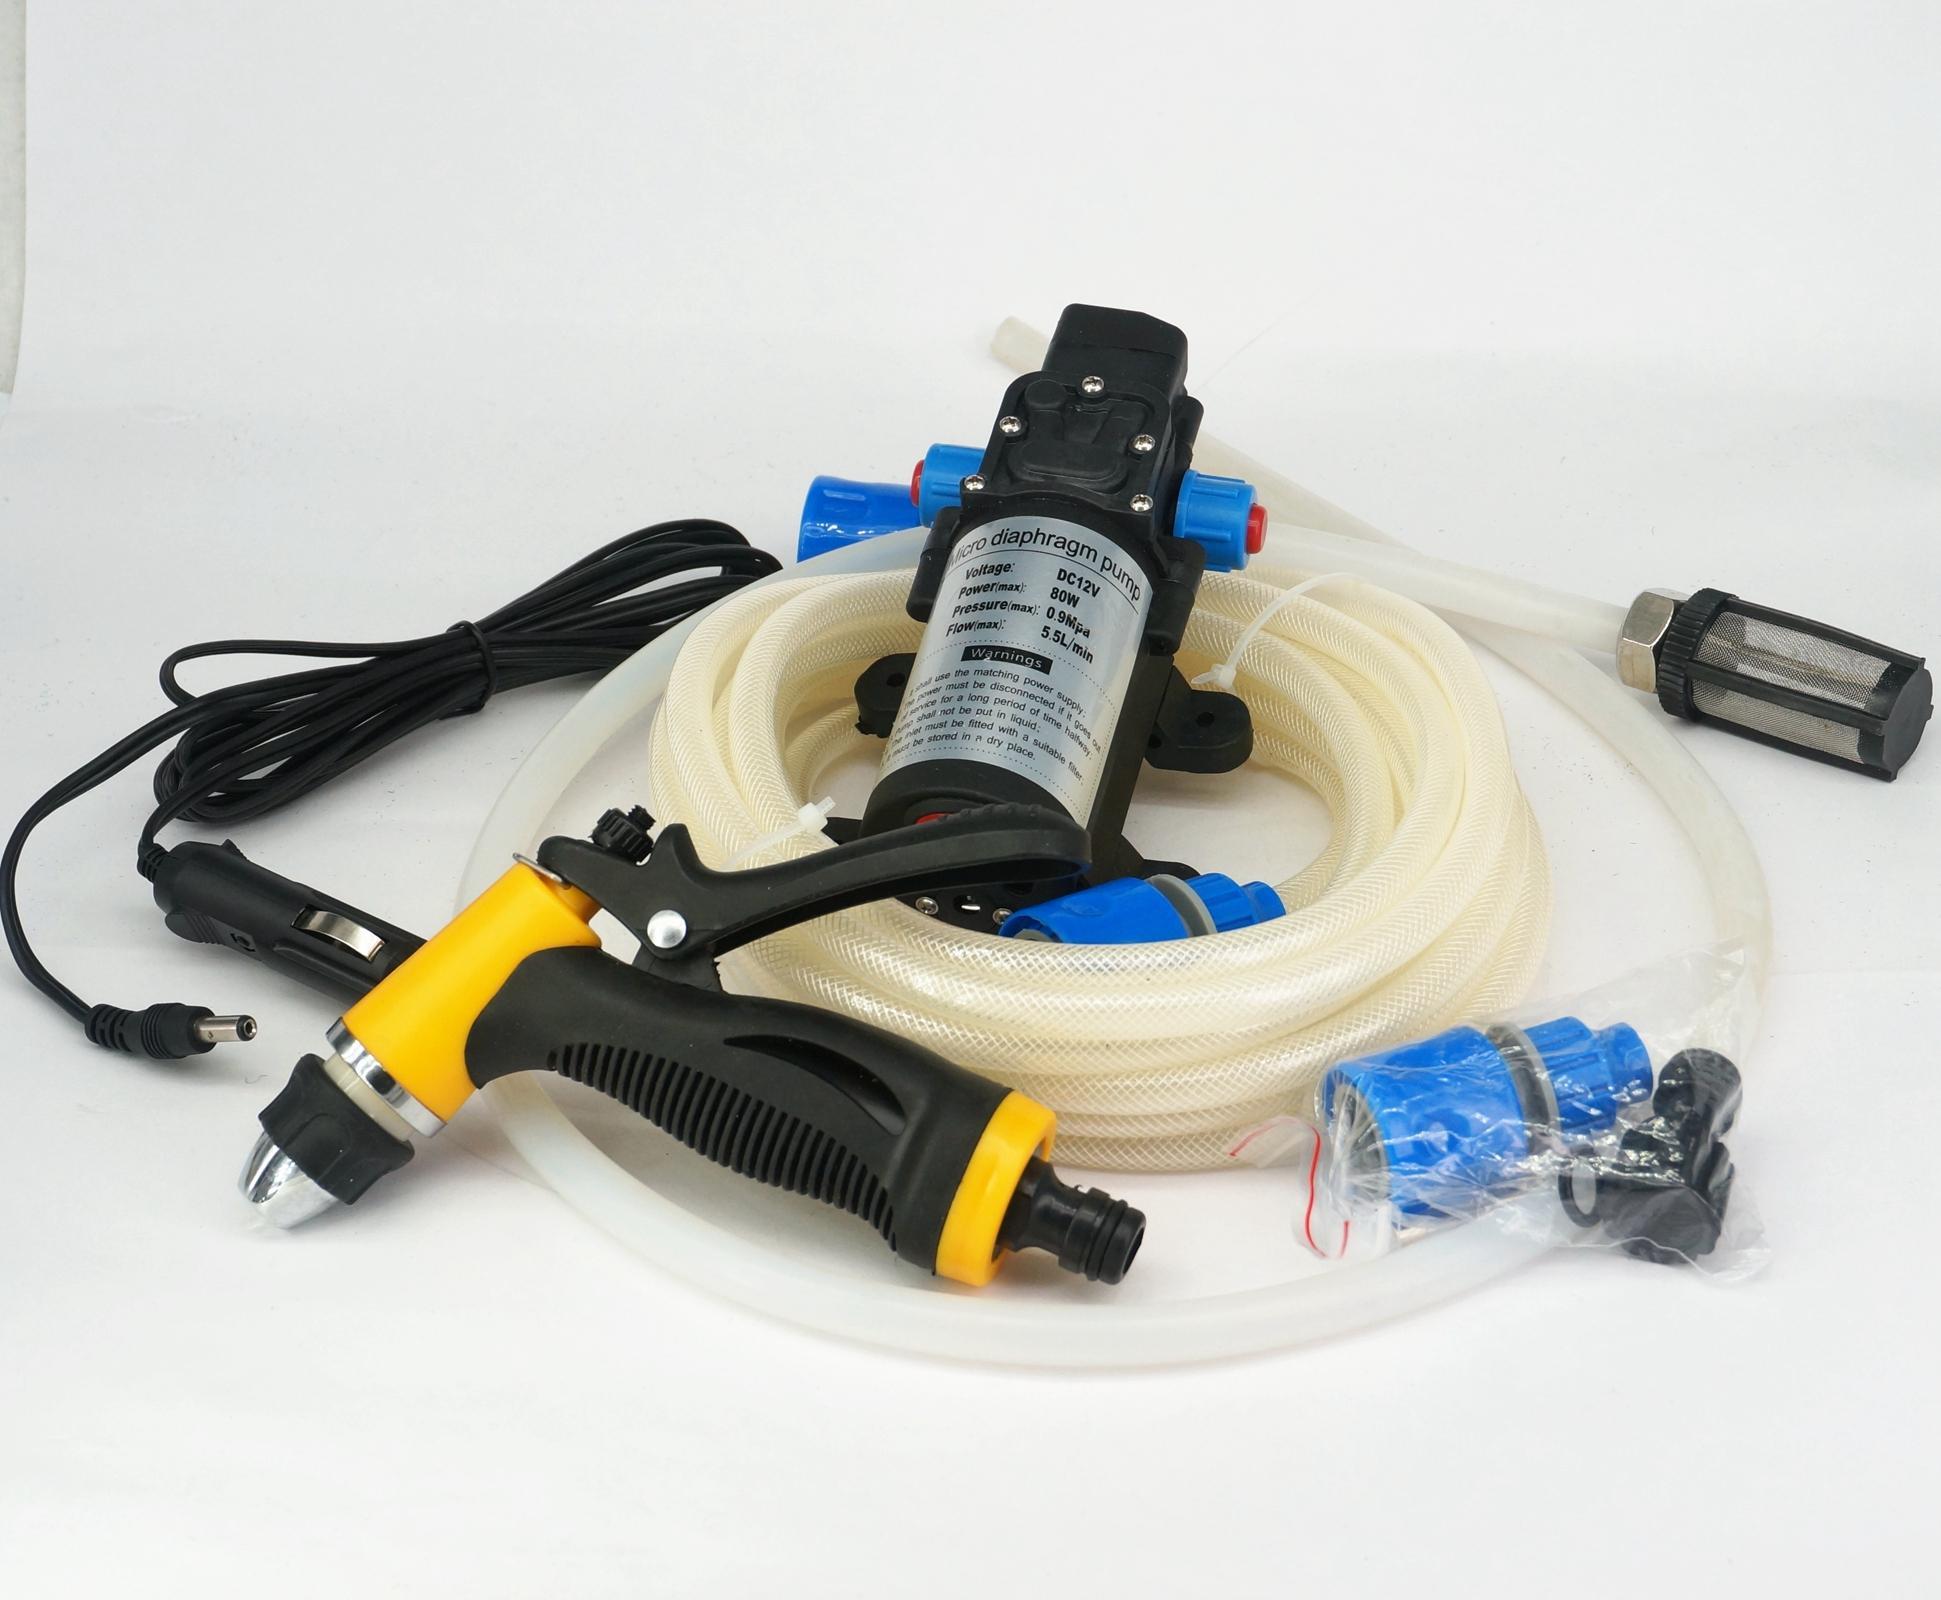 DC 12 V 80 Watt Tragbare Elektrische Auto Reiniger Waschen Werkzeug-set 330L/H 129 PSI